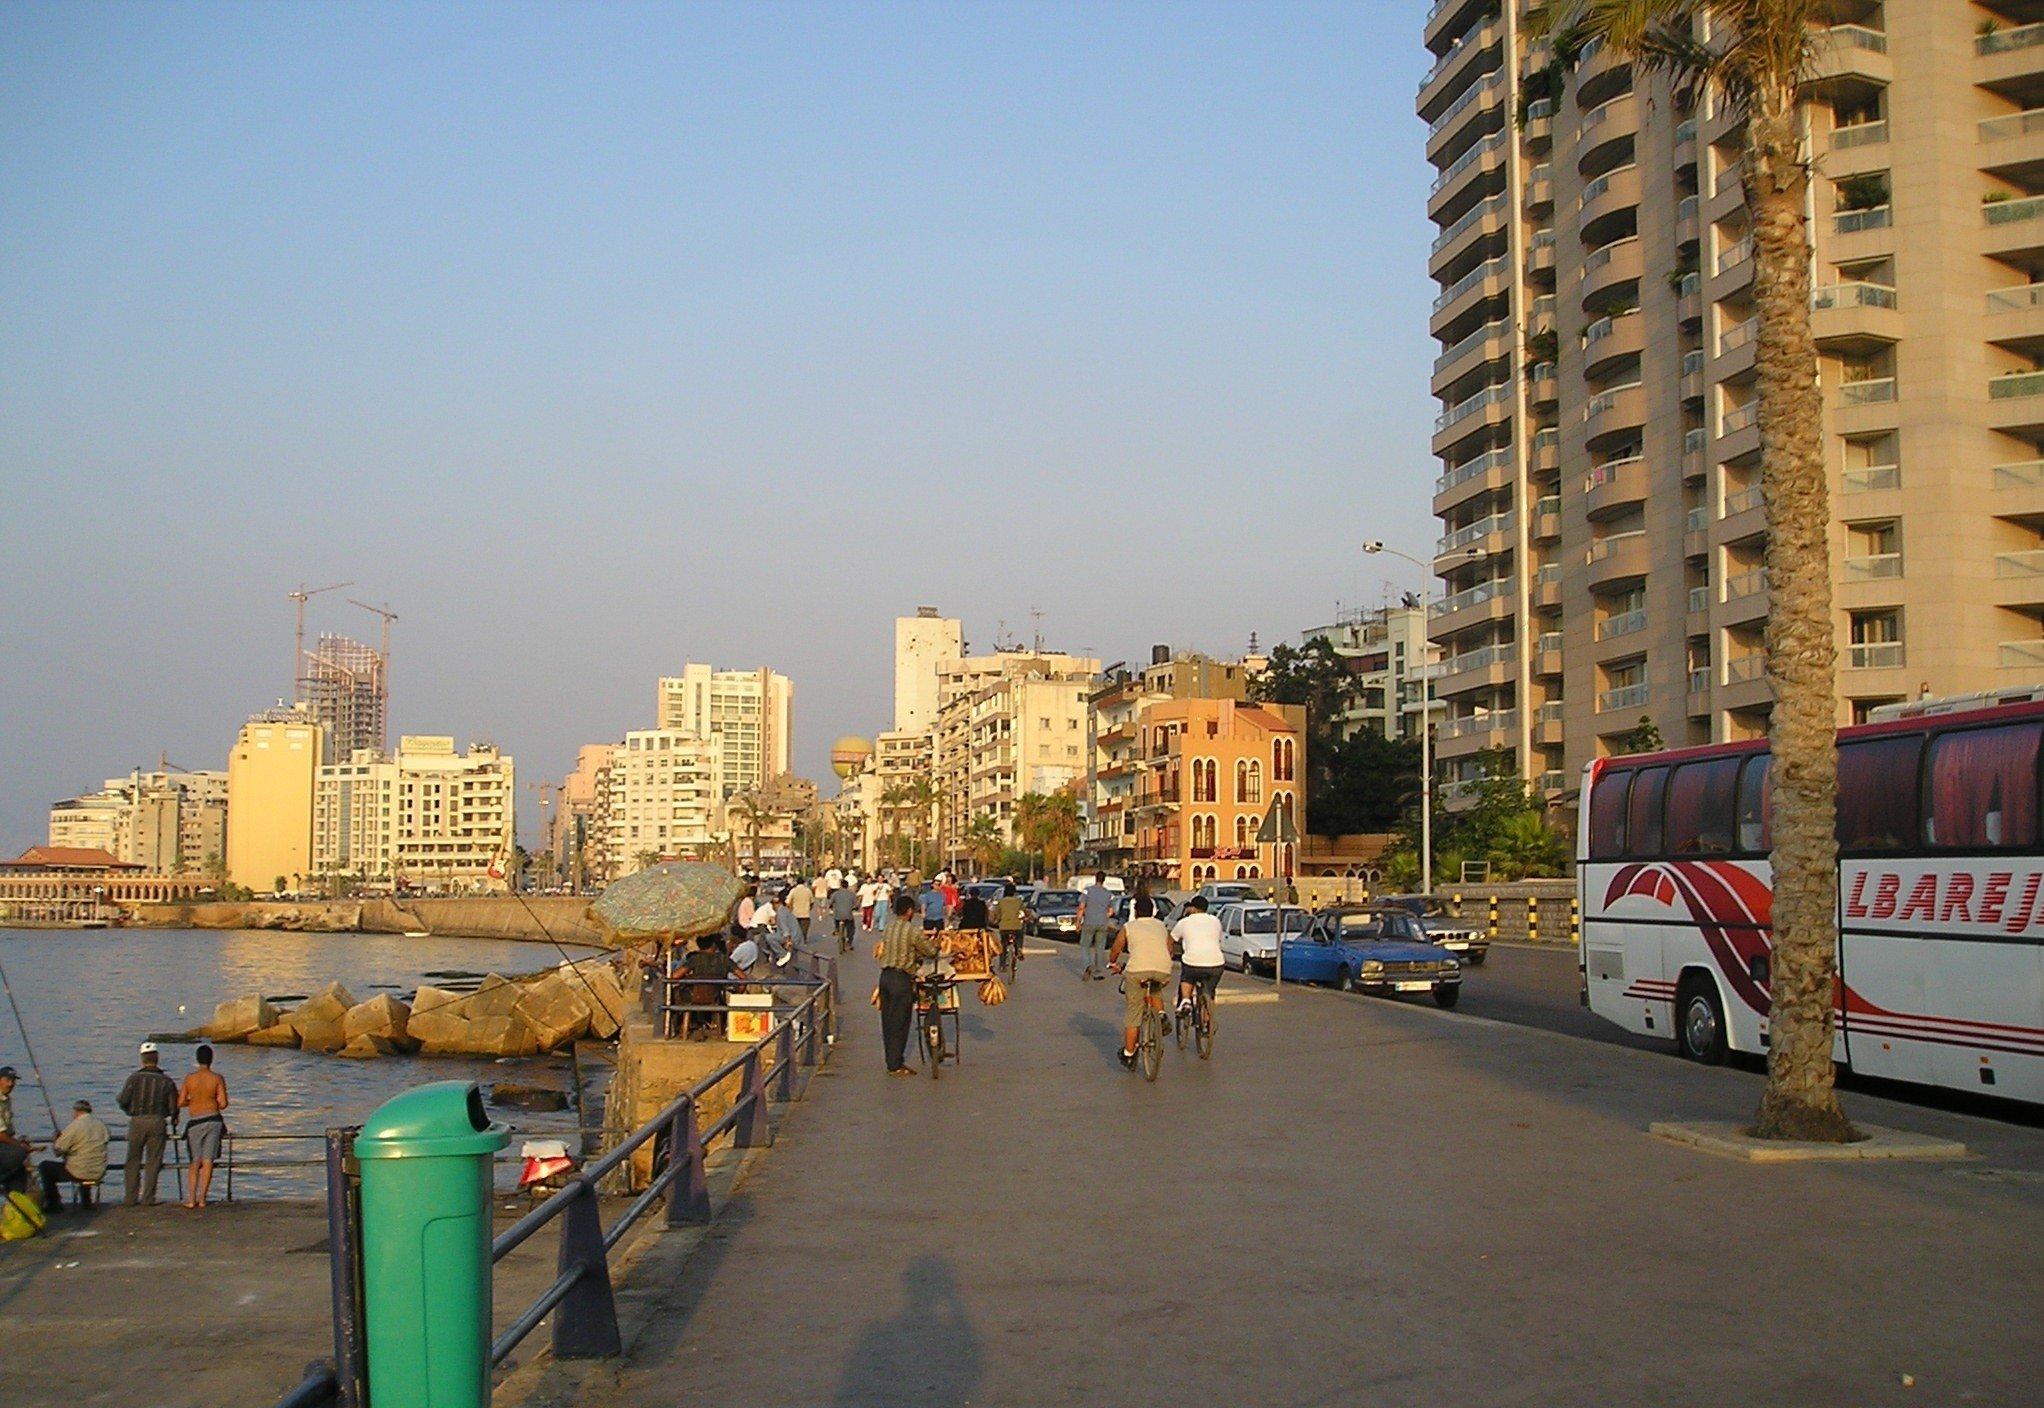 Beirut Background image